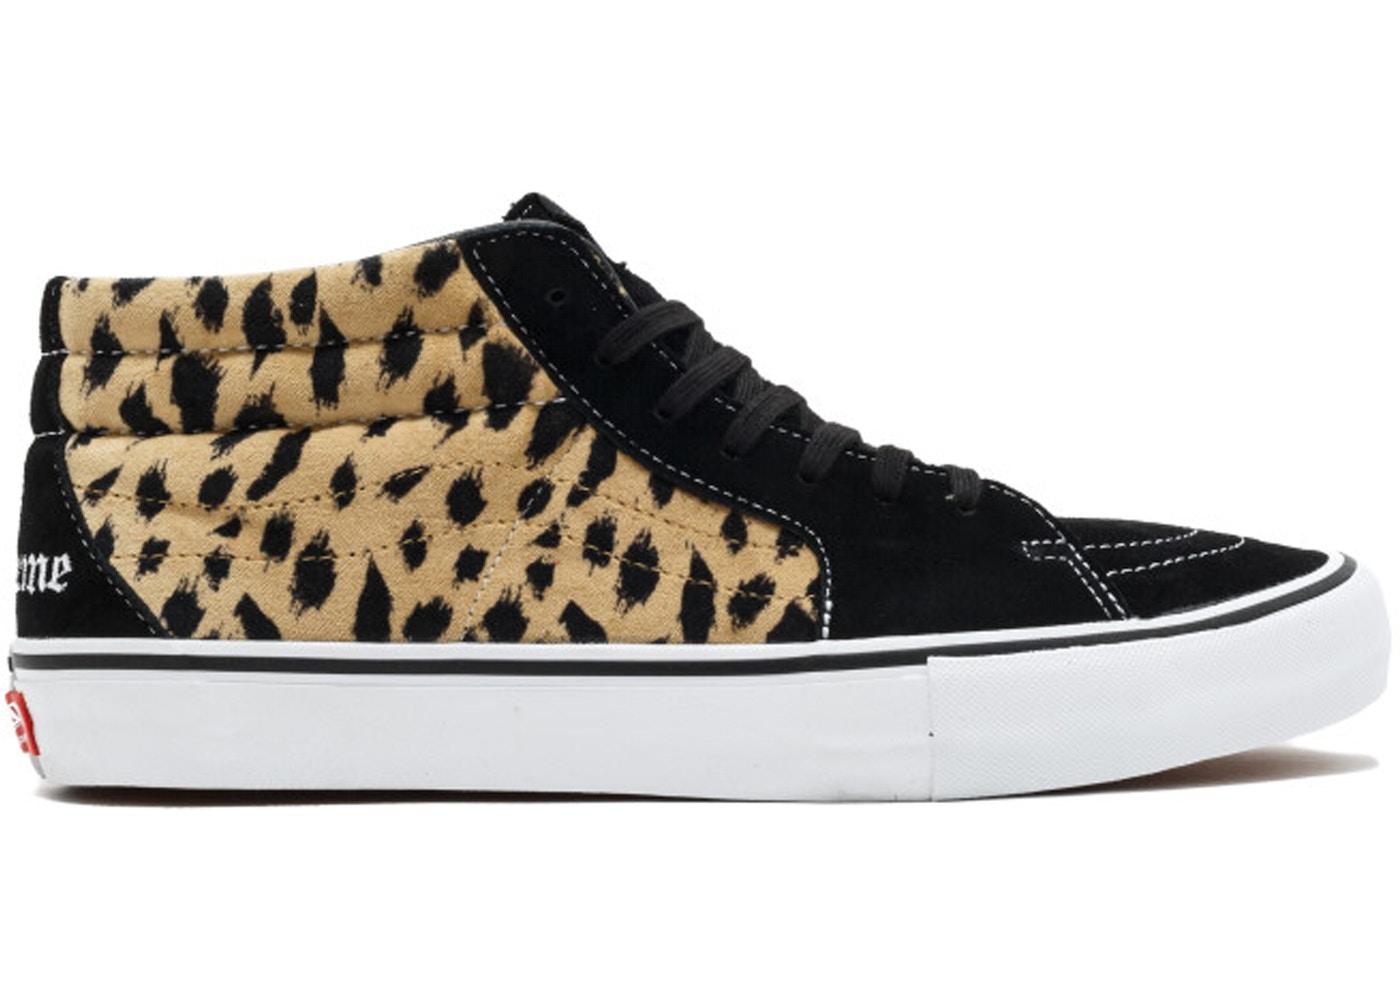 vans leopard